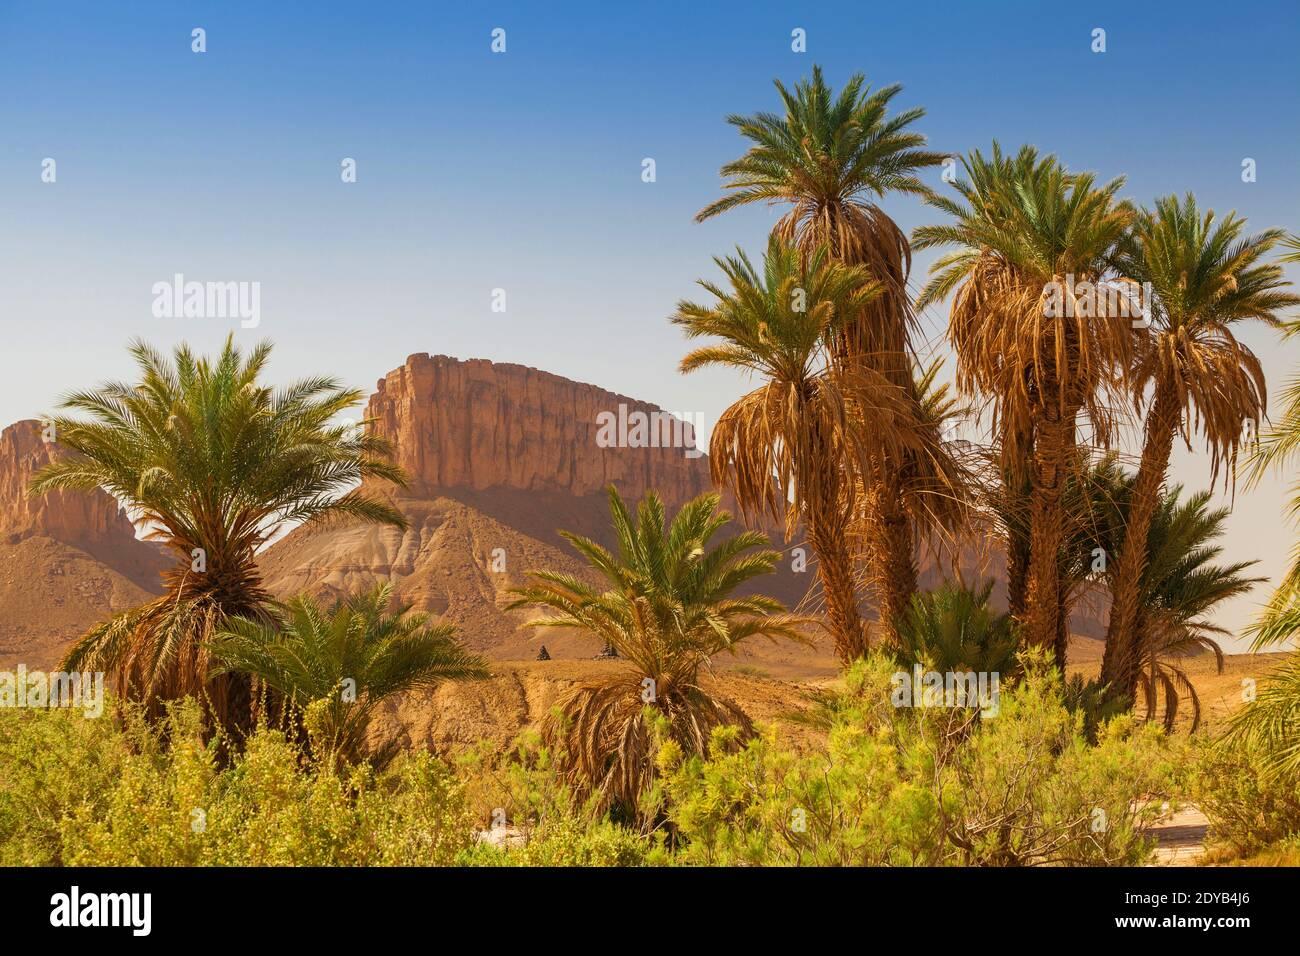 Berge In Der Sahara-Wüste Von Einer Oase Mit Palmen Aus Gesehen. Marokko Afrika Stockfoto